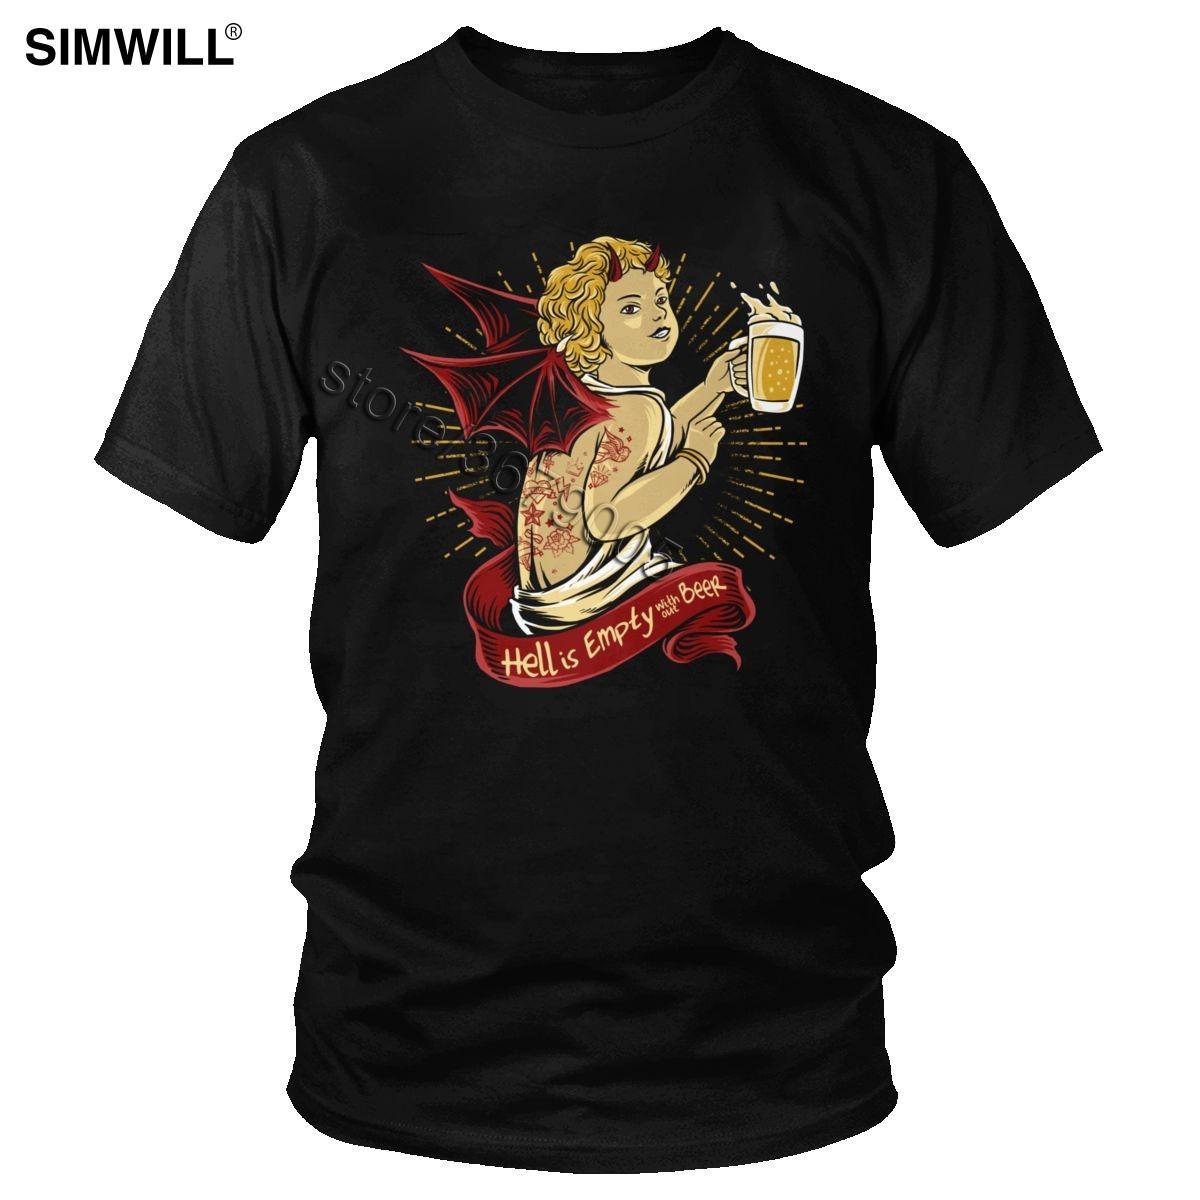 Witzige Männer-Gefallene Devill Hölle ist leer ohne Bier-T-Shirt Street Humor Dämon Satan Getränk-T-Shirt mit kurzen Ärmeln Baumwolle T